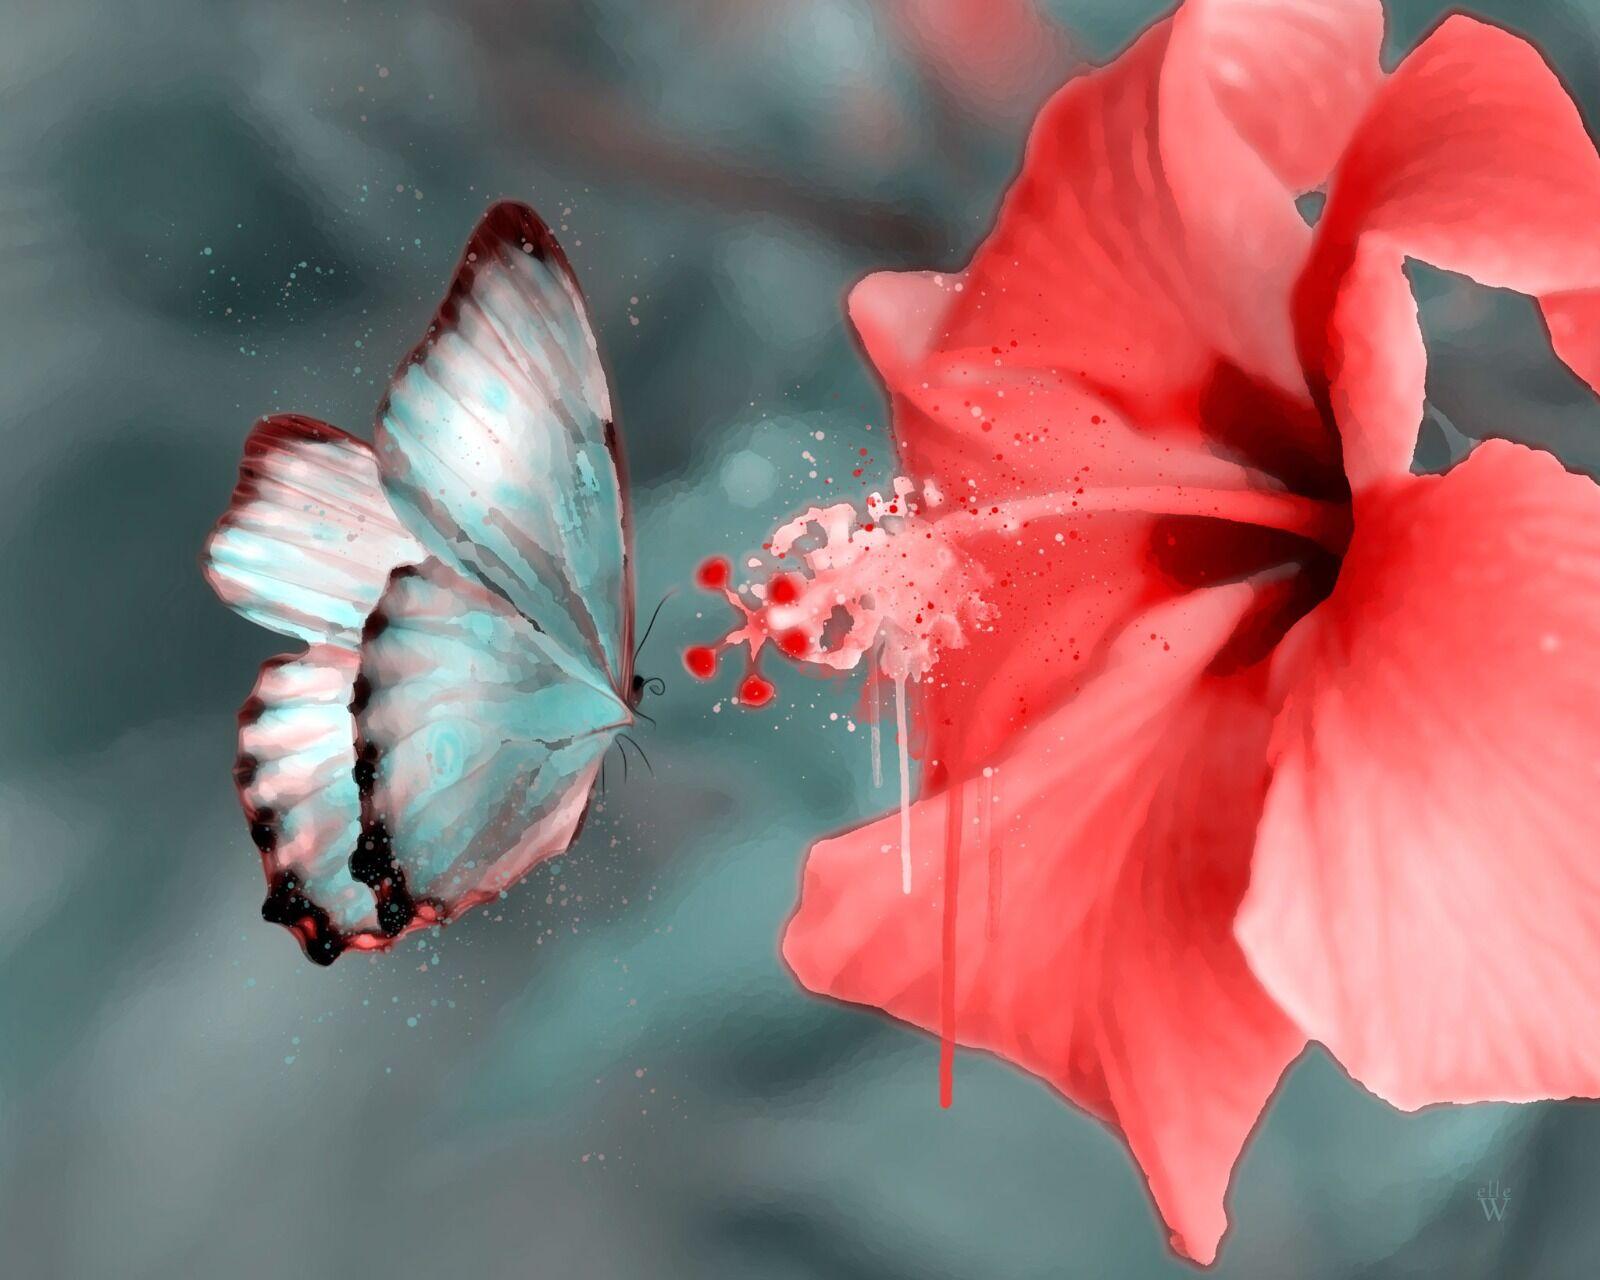 Butterfly - Mixed Art Effect